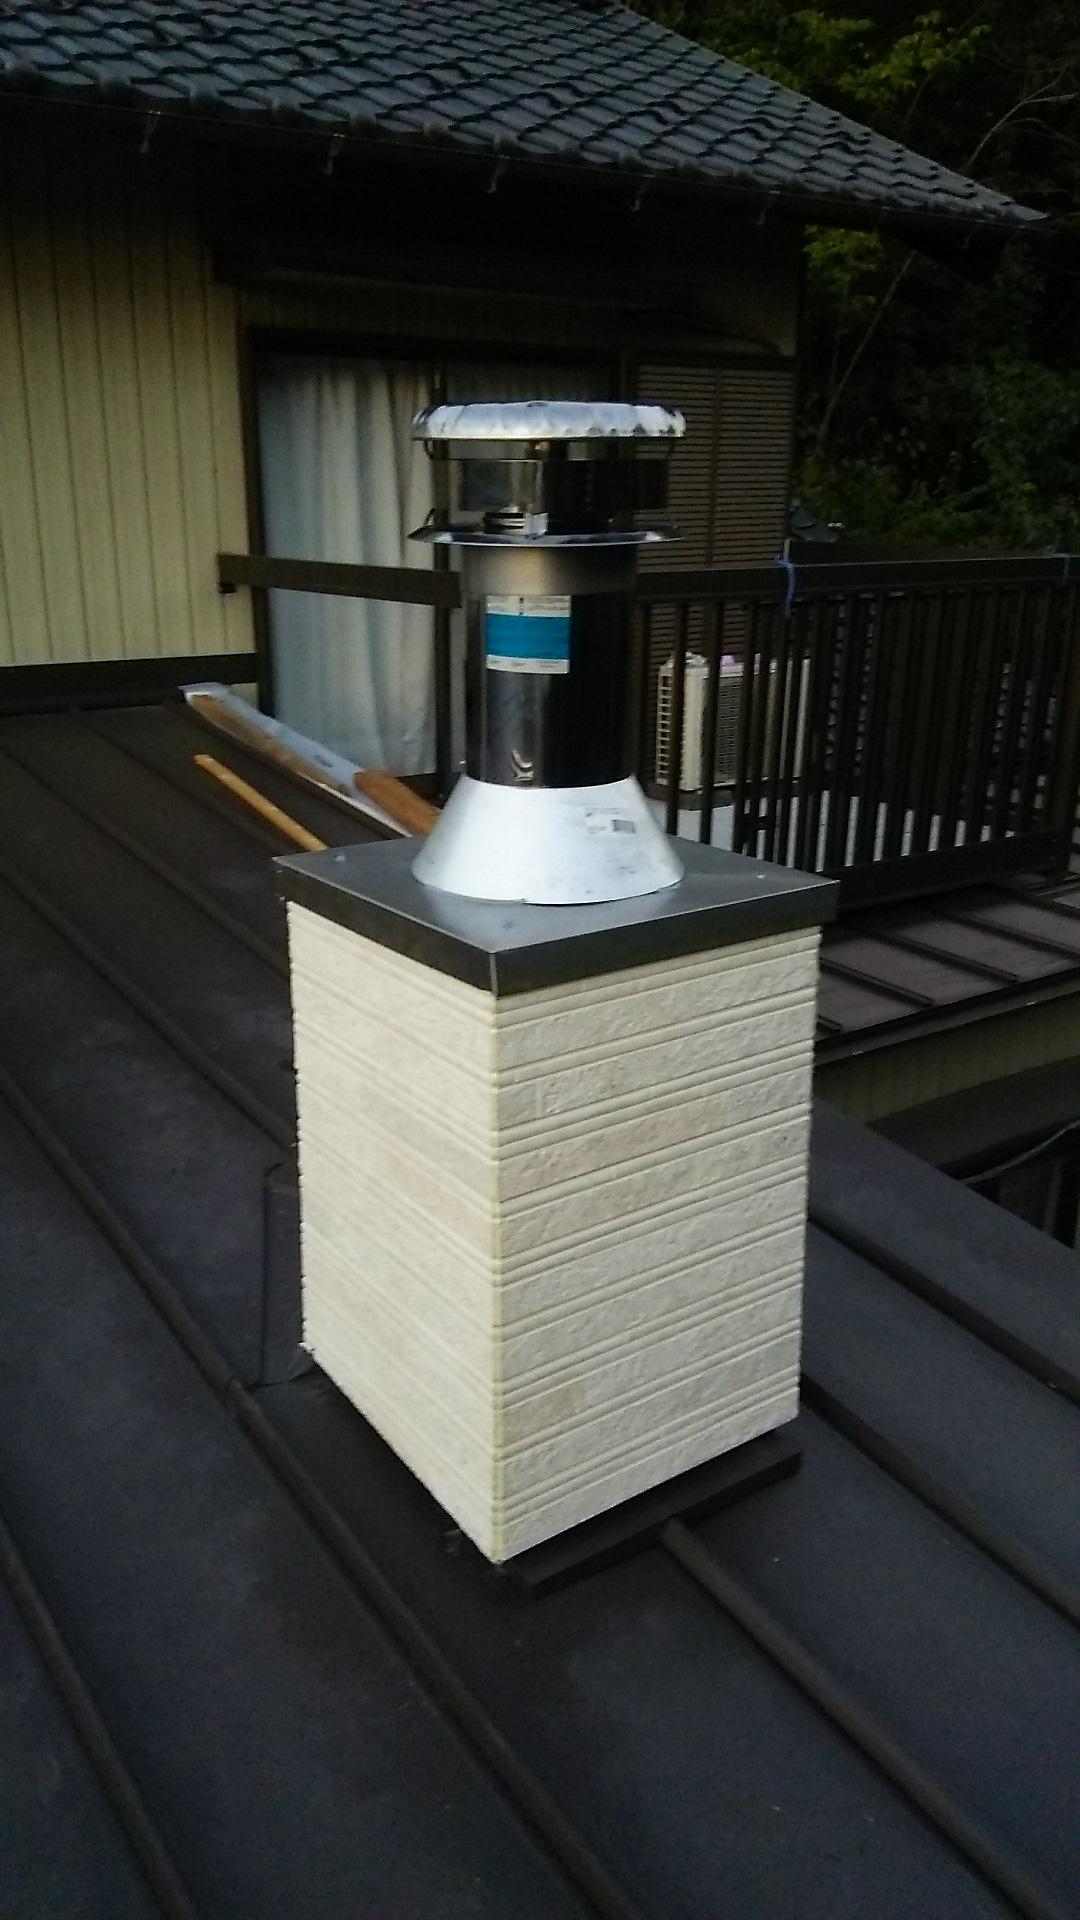 煙突施工の仕方